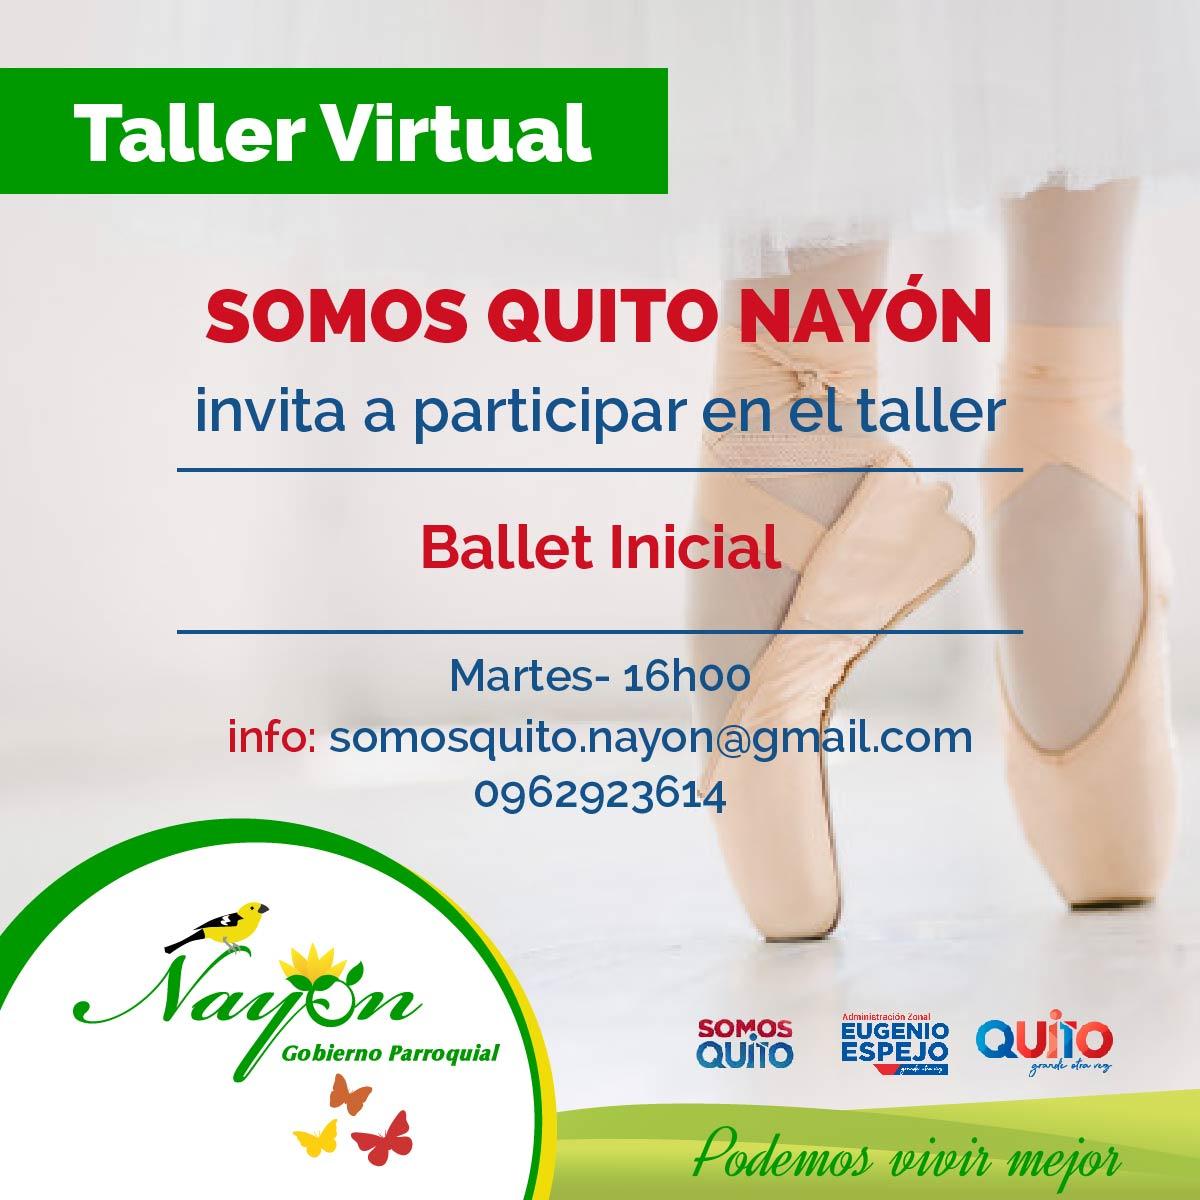 Taller Virtuales - Somos Quito Nayón